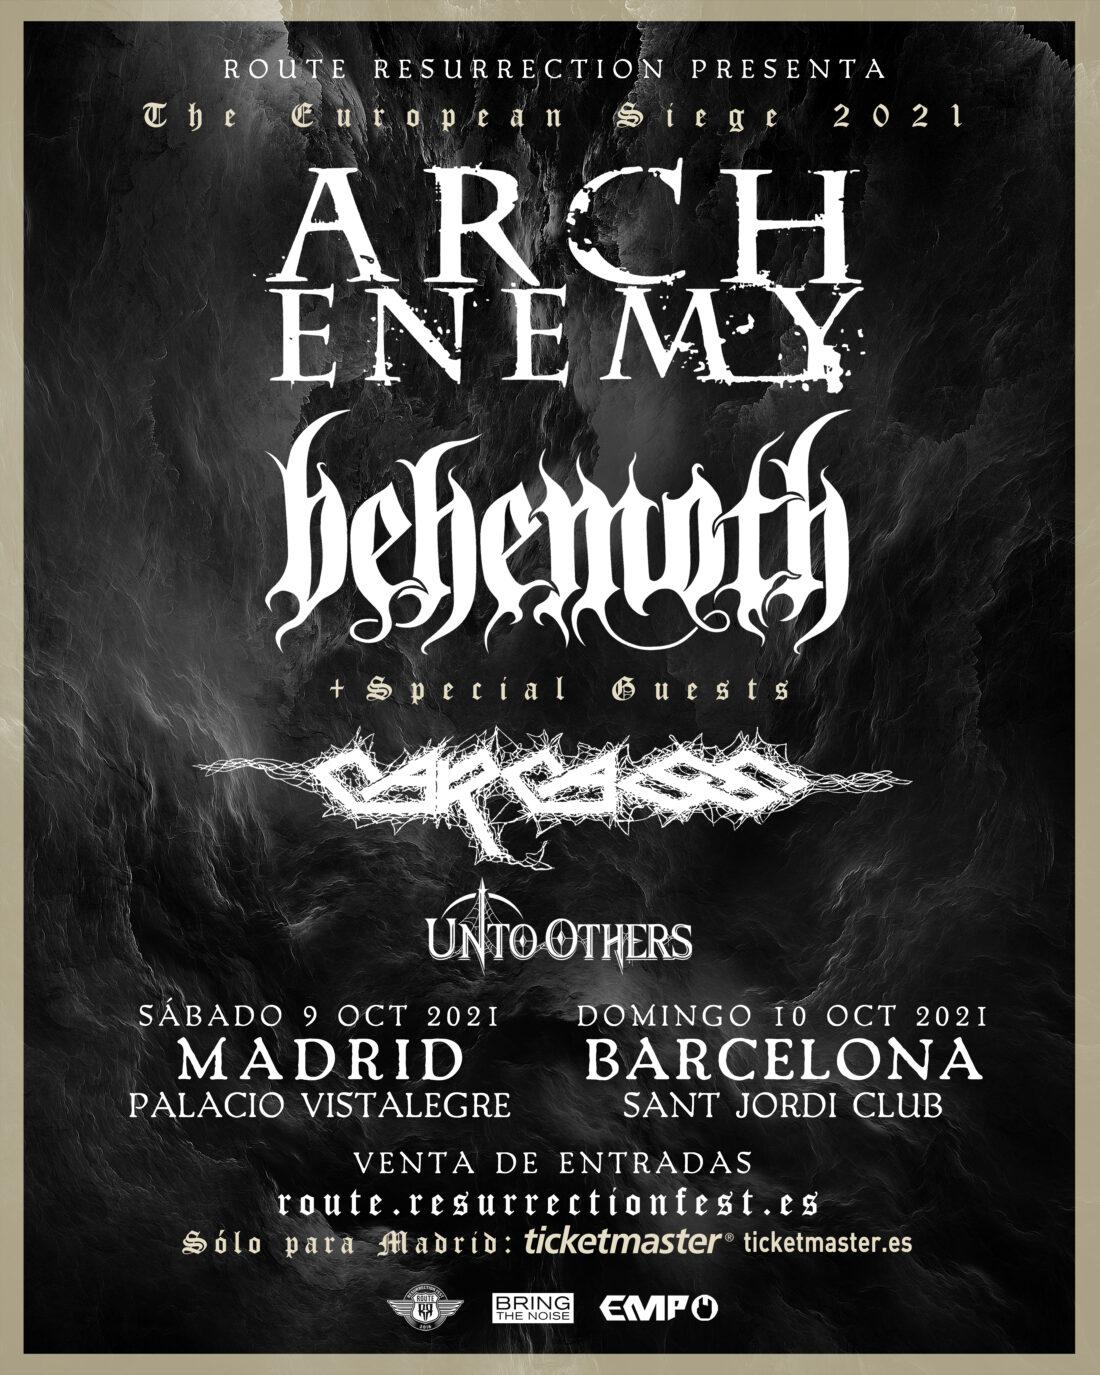 La gira definitiva de metal extremo de Route Resurrection traerá a Arch Enemy y Behemoth como cabezas de cartel y los legendarios Carcass como invitados especiales